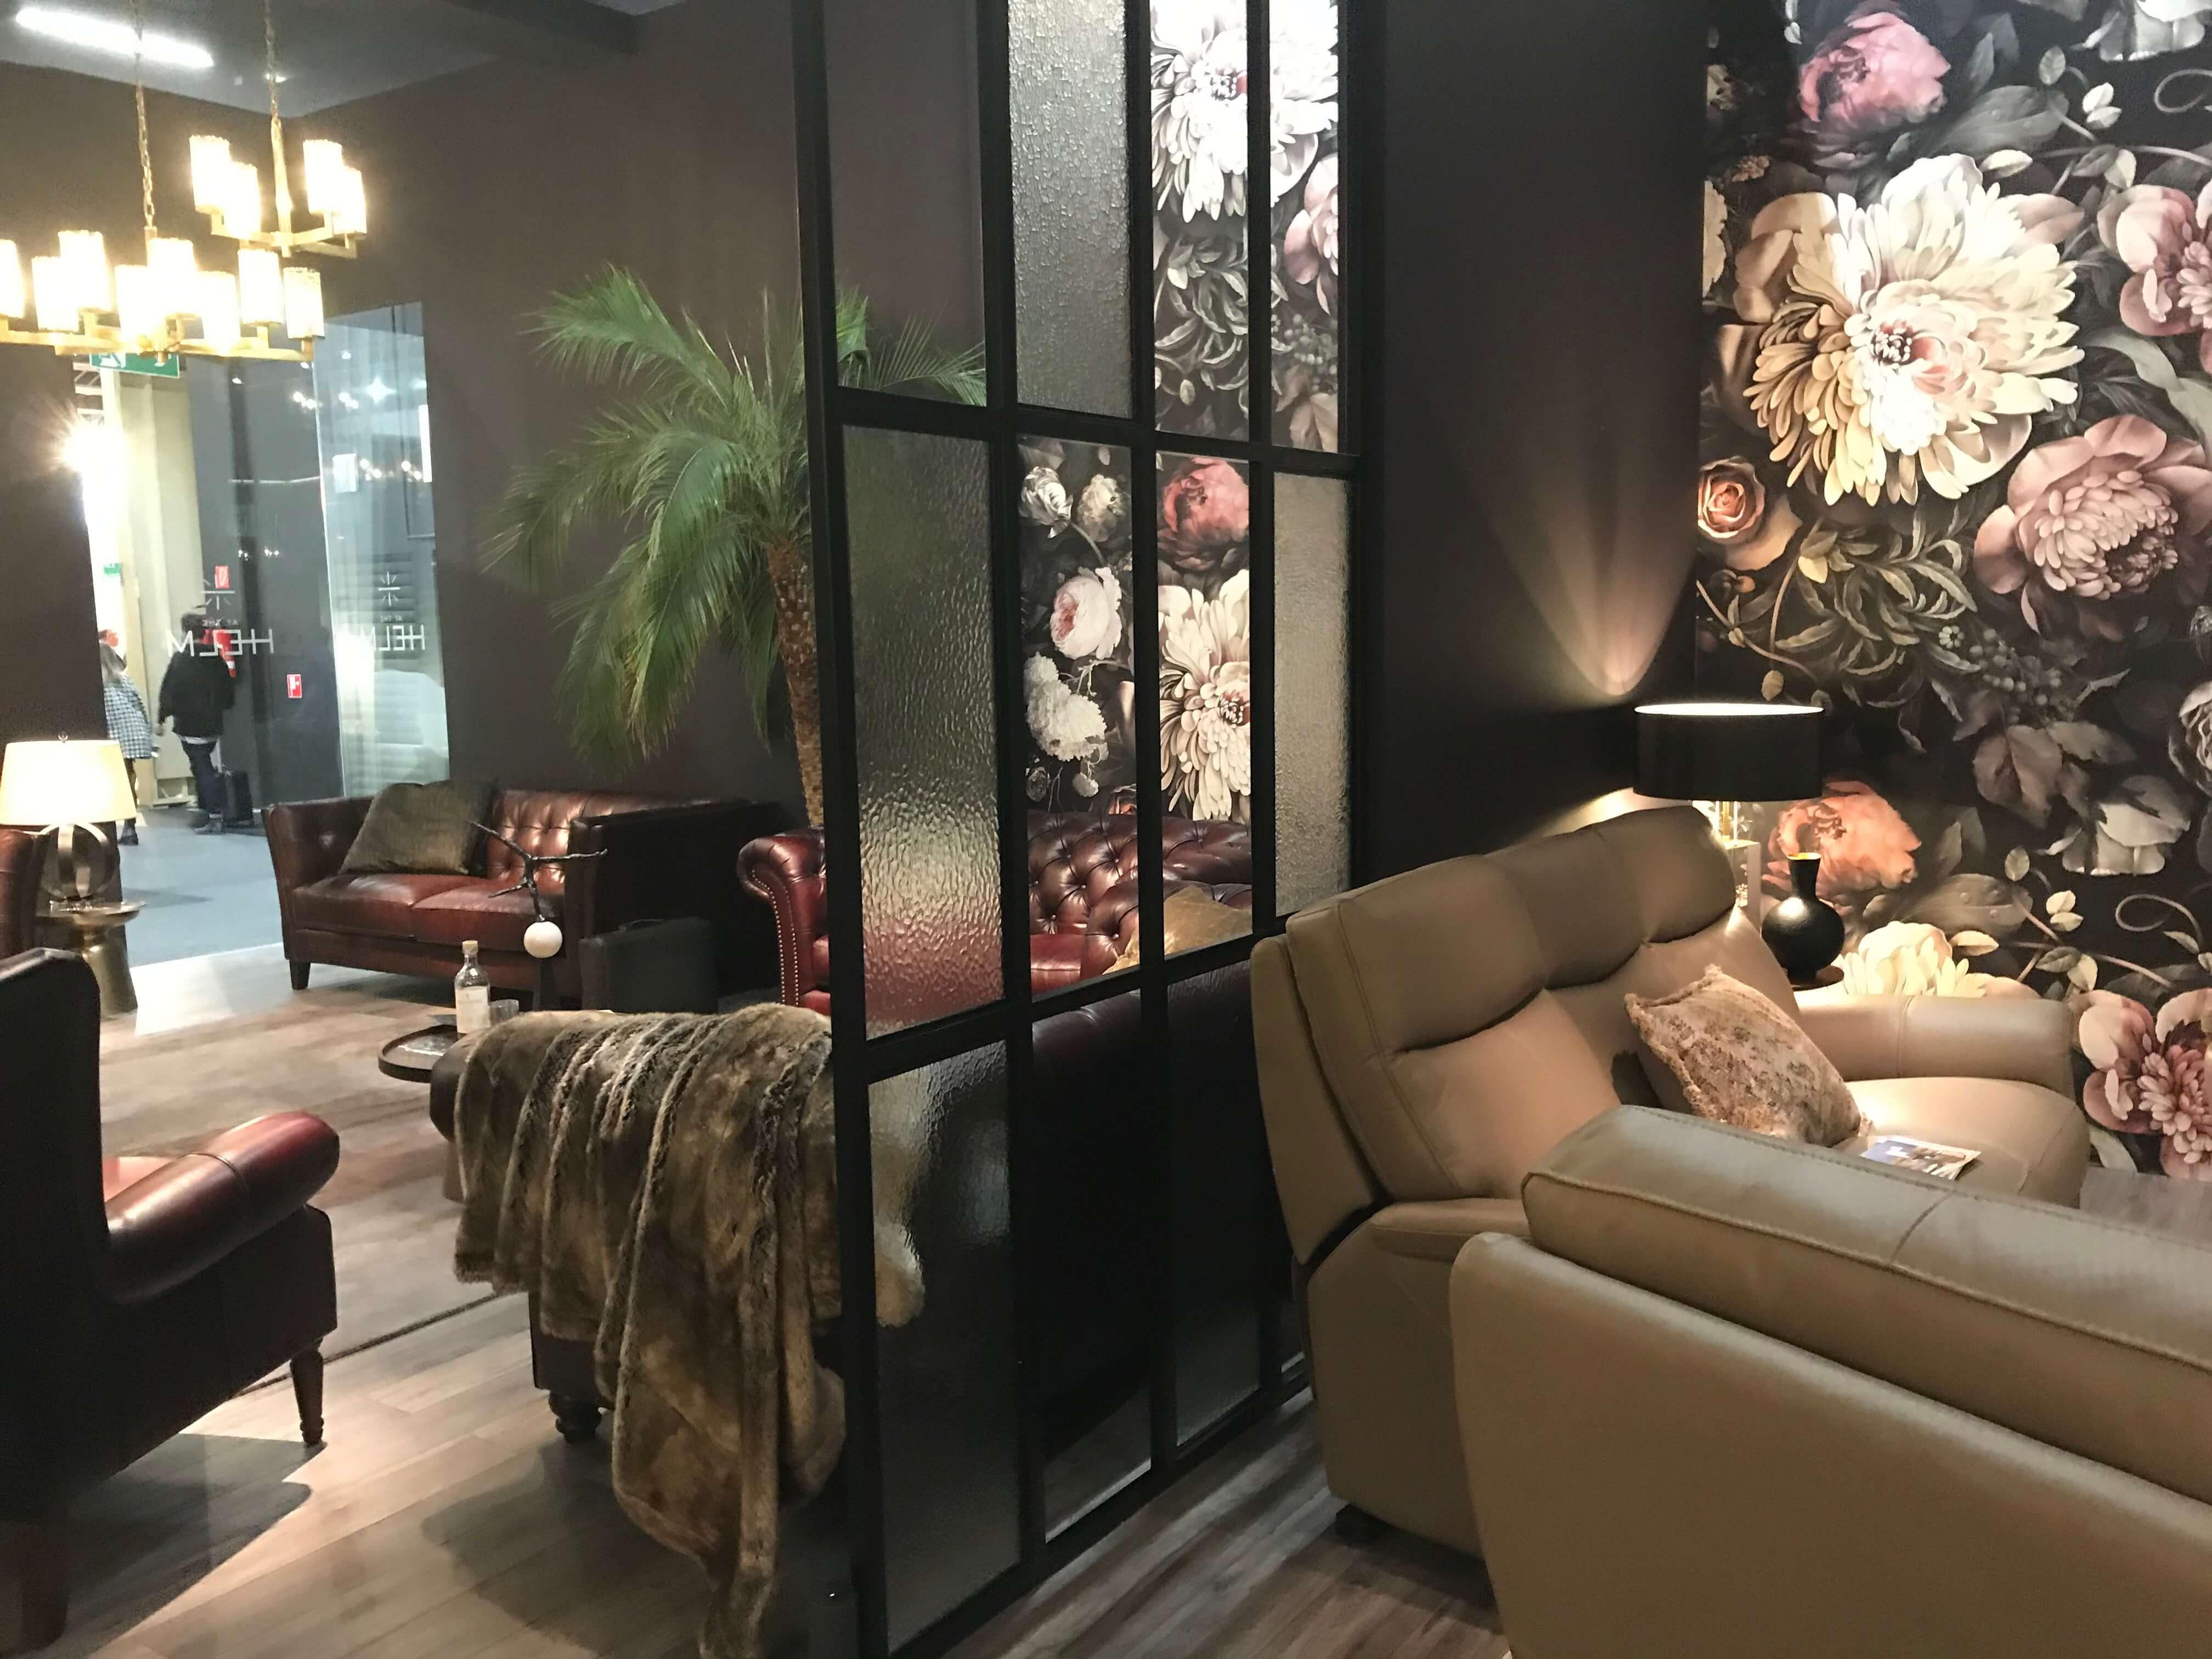 Gemütliche Couchlandschaften werden mit exklusiven Materialien zu Luxusobjekten